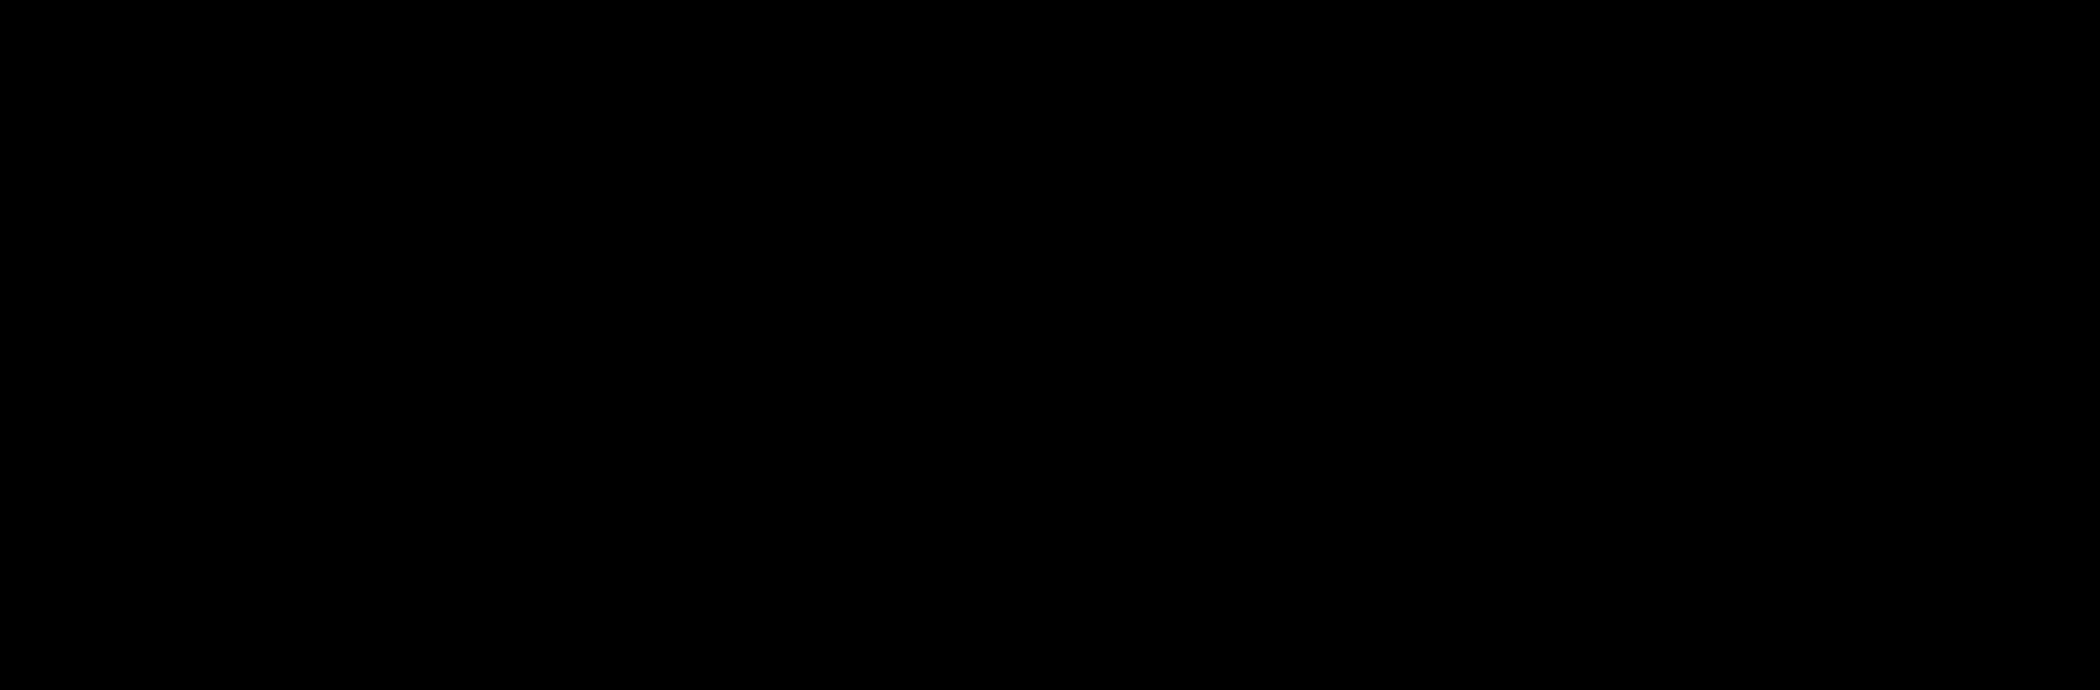 Aripiprazole-d<sub>8</sub> EP impurity C (piperazine-d<sub>8</sub>)